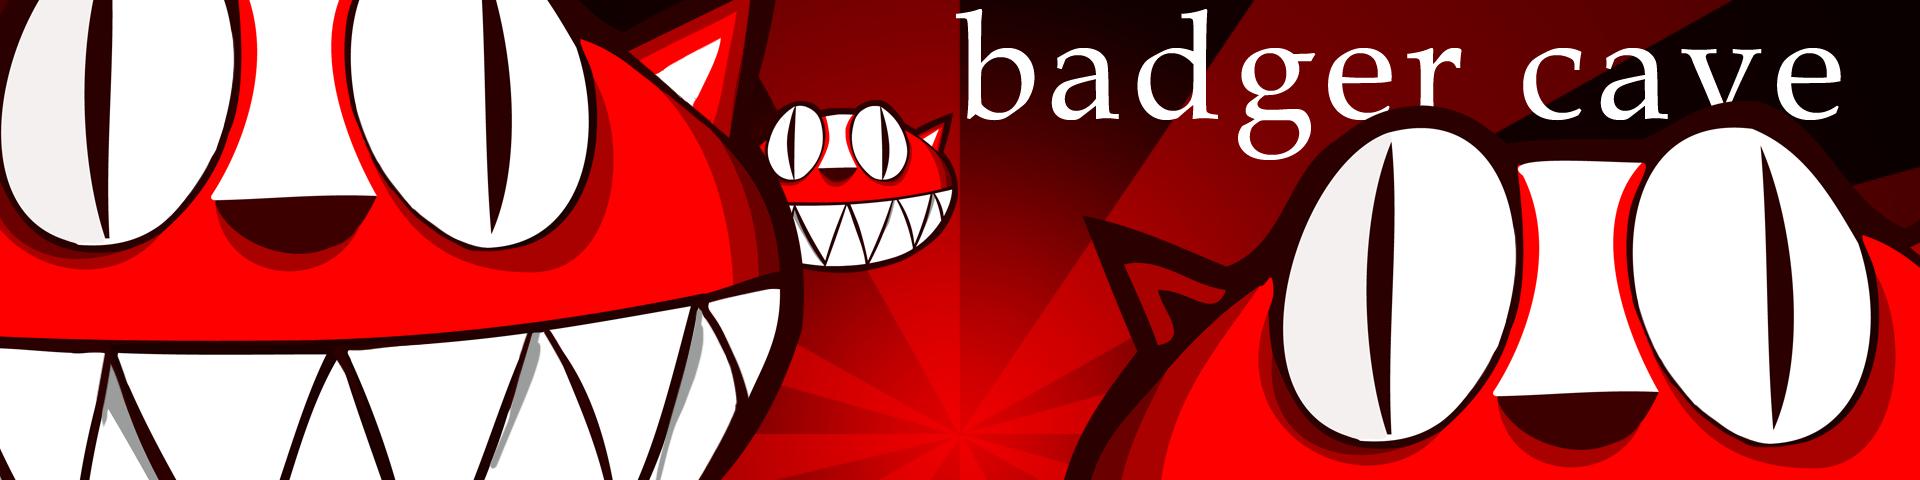 Honey badger radio male sexuality